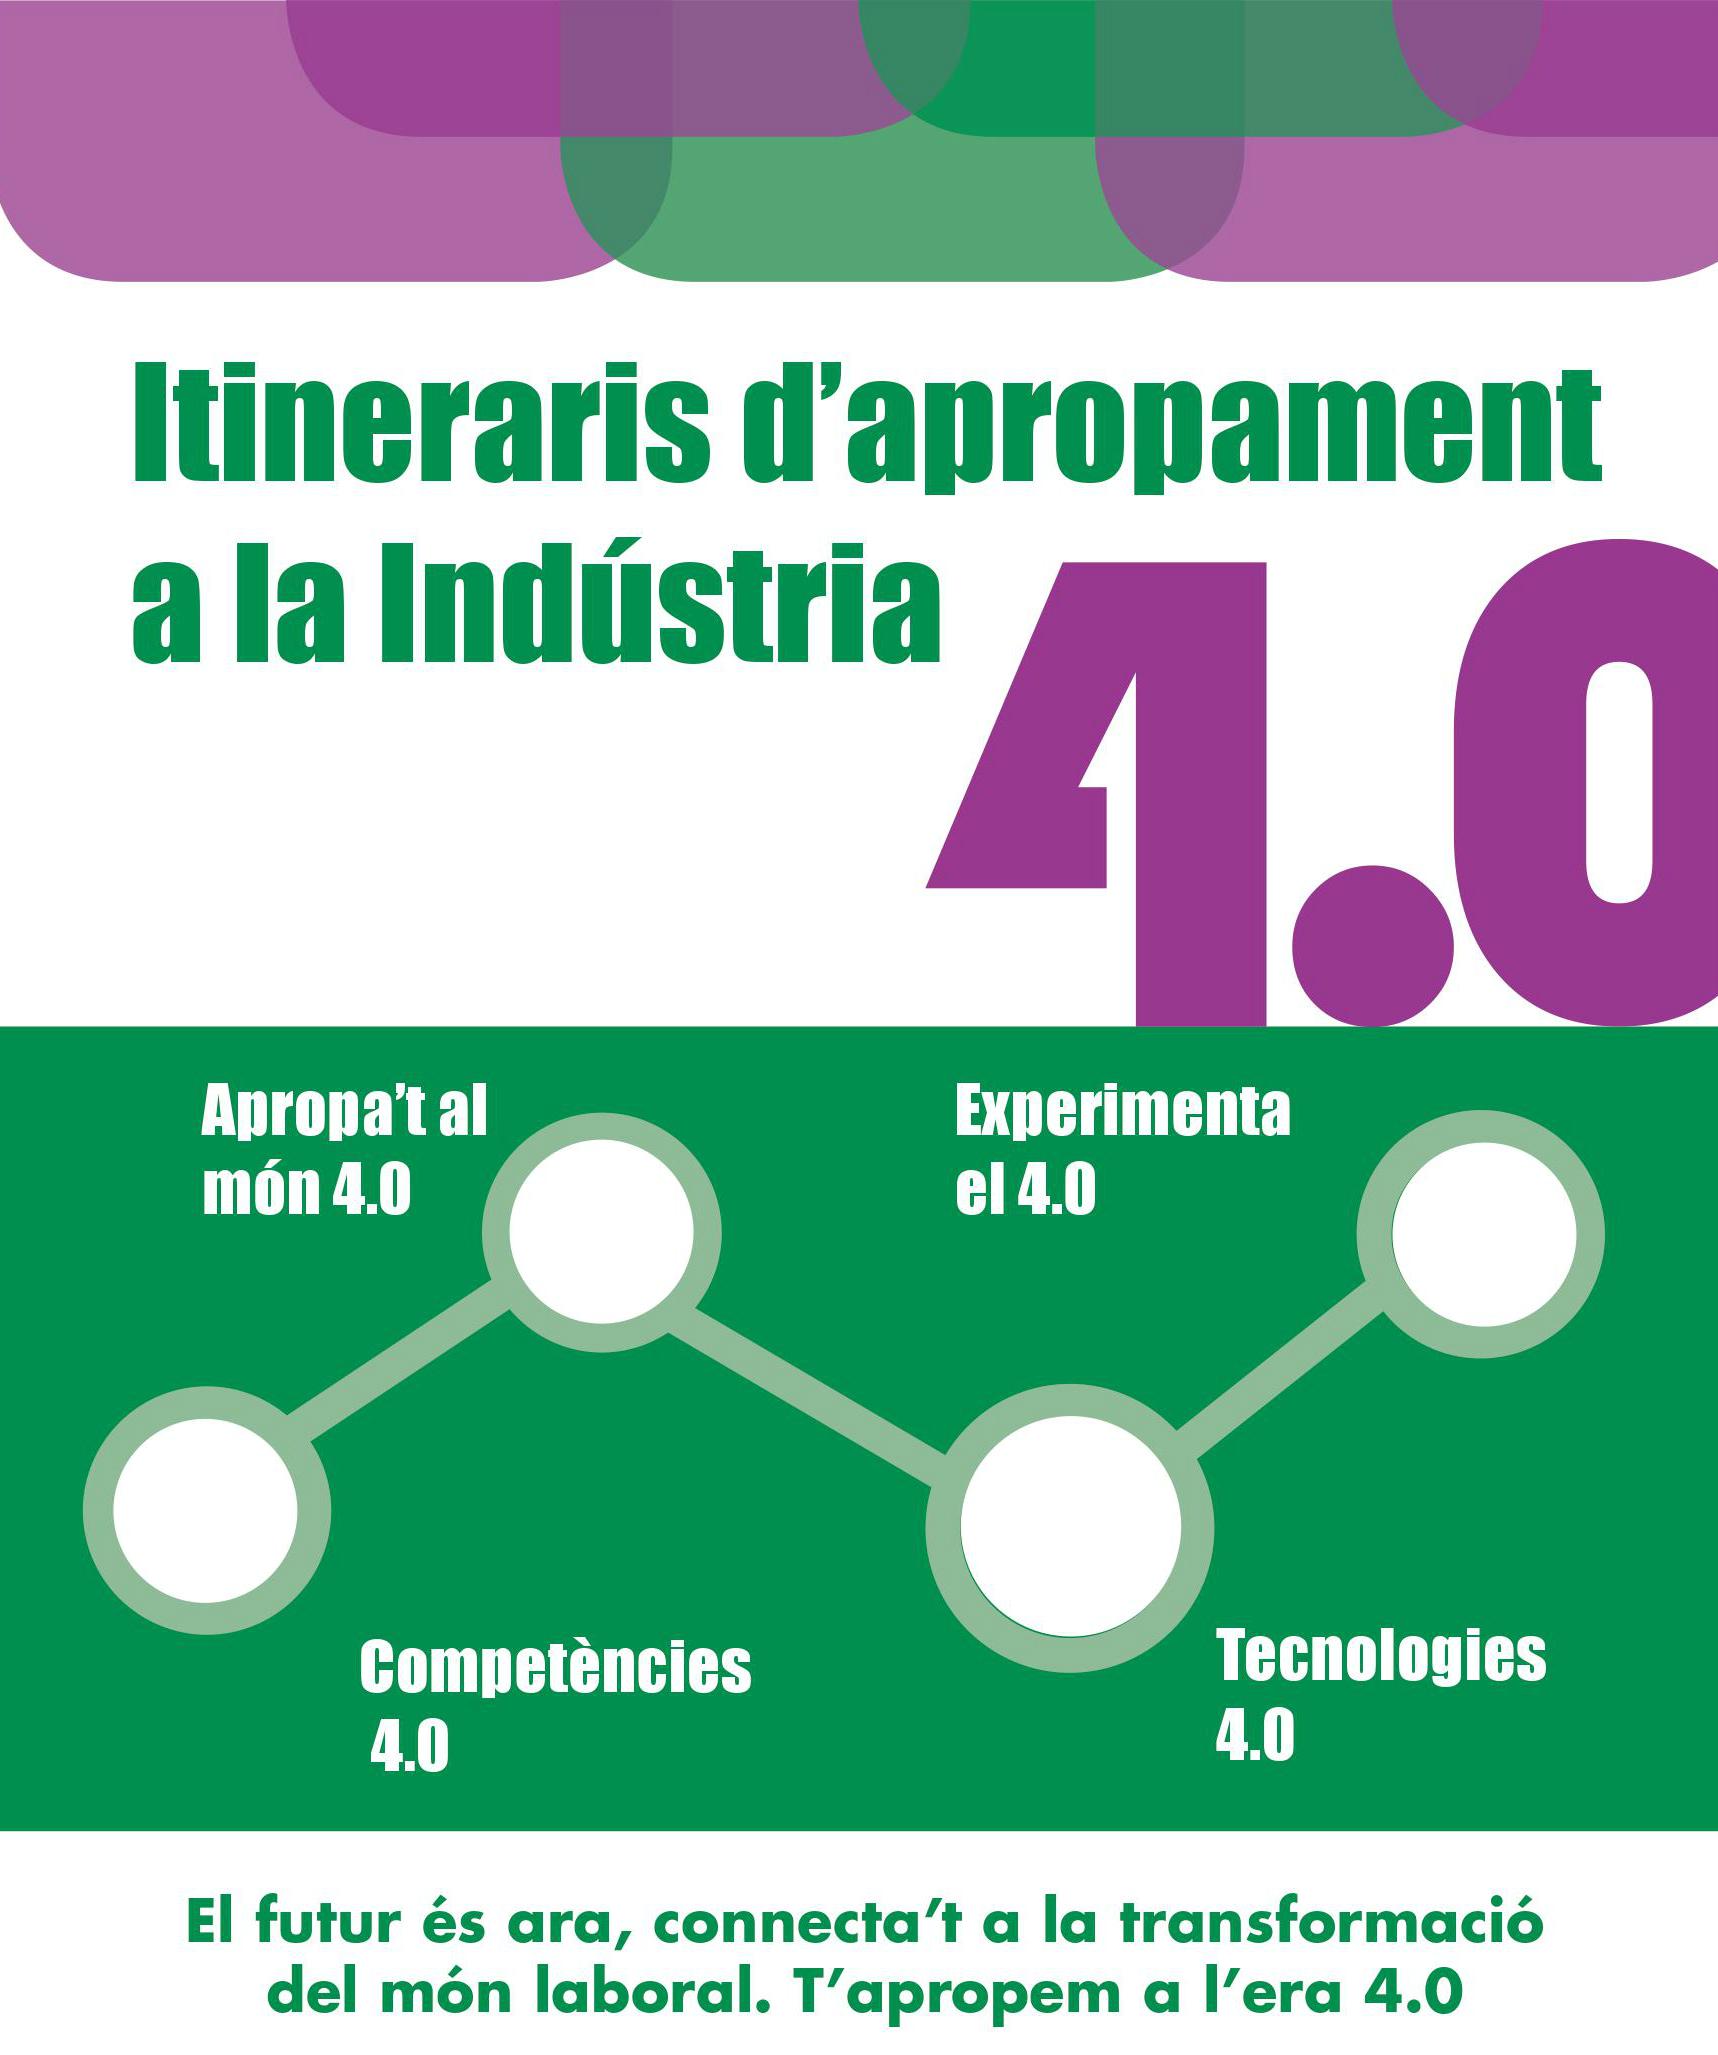 itineraris d'apropament a la industria 4.0